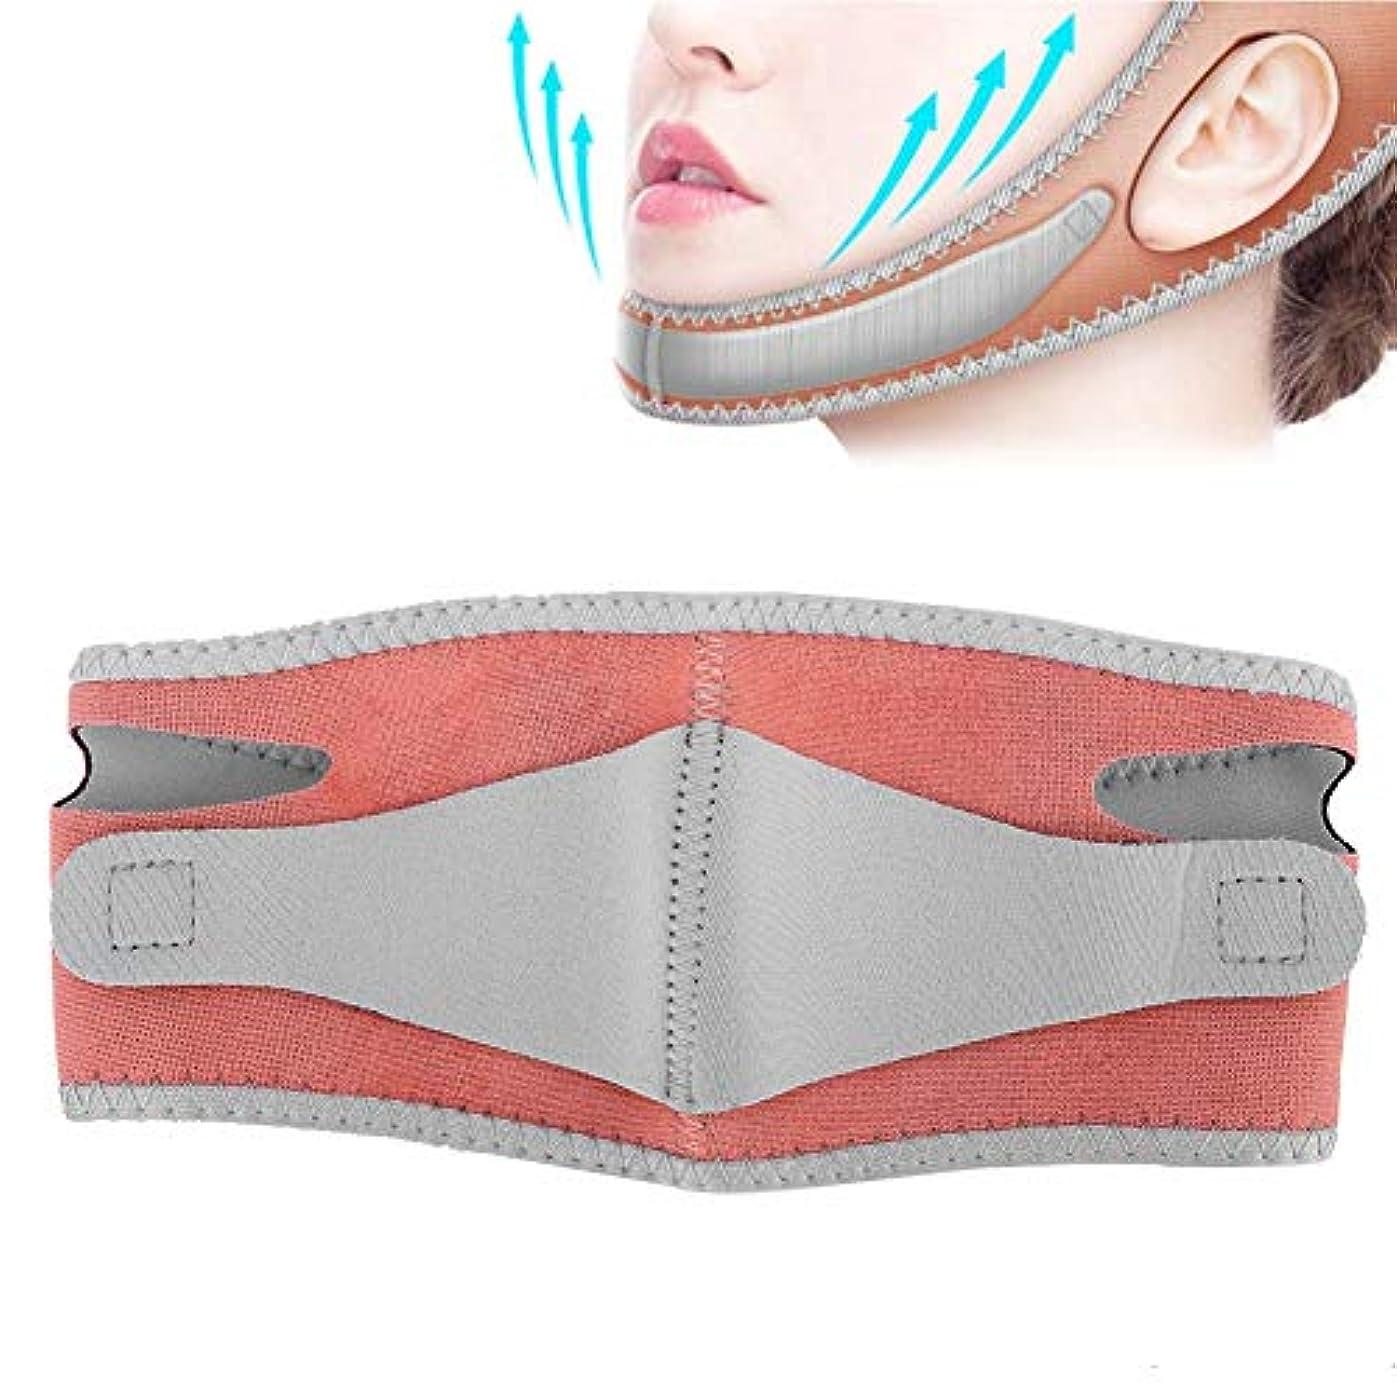 変動するリーダーシップクアッガ薄い顔包帯顔、Vフェイスラインスリムダブルチンチークスリムリフトアップ引き締まった肌防止マスクあなたが顔の肌を引き締めるのに役立ちます